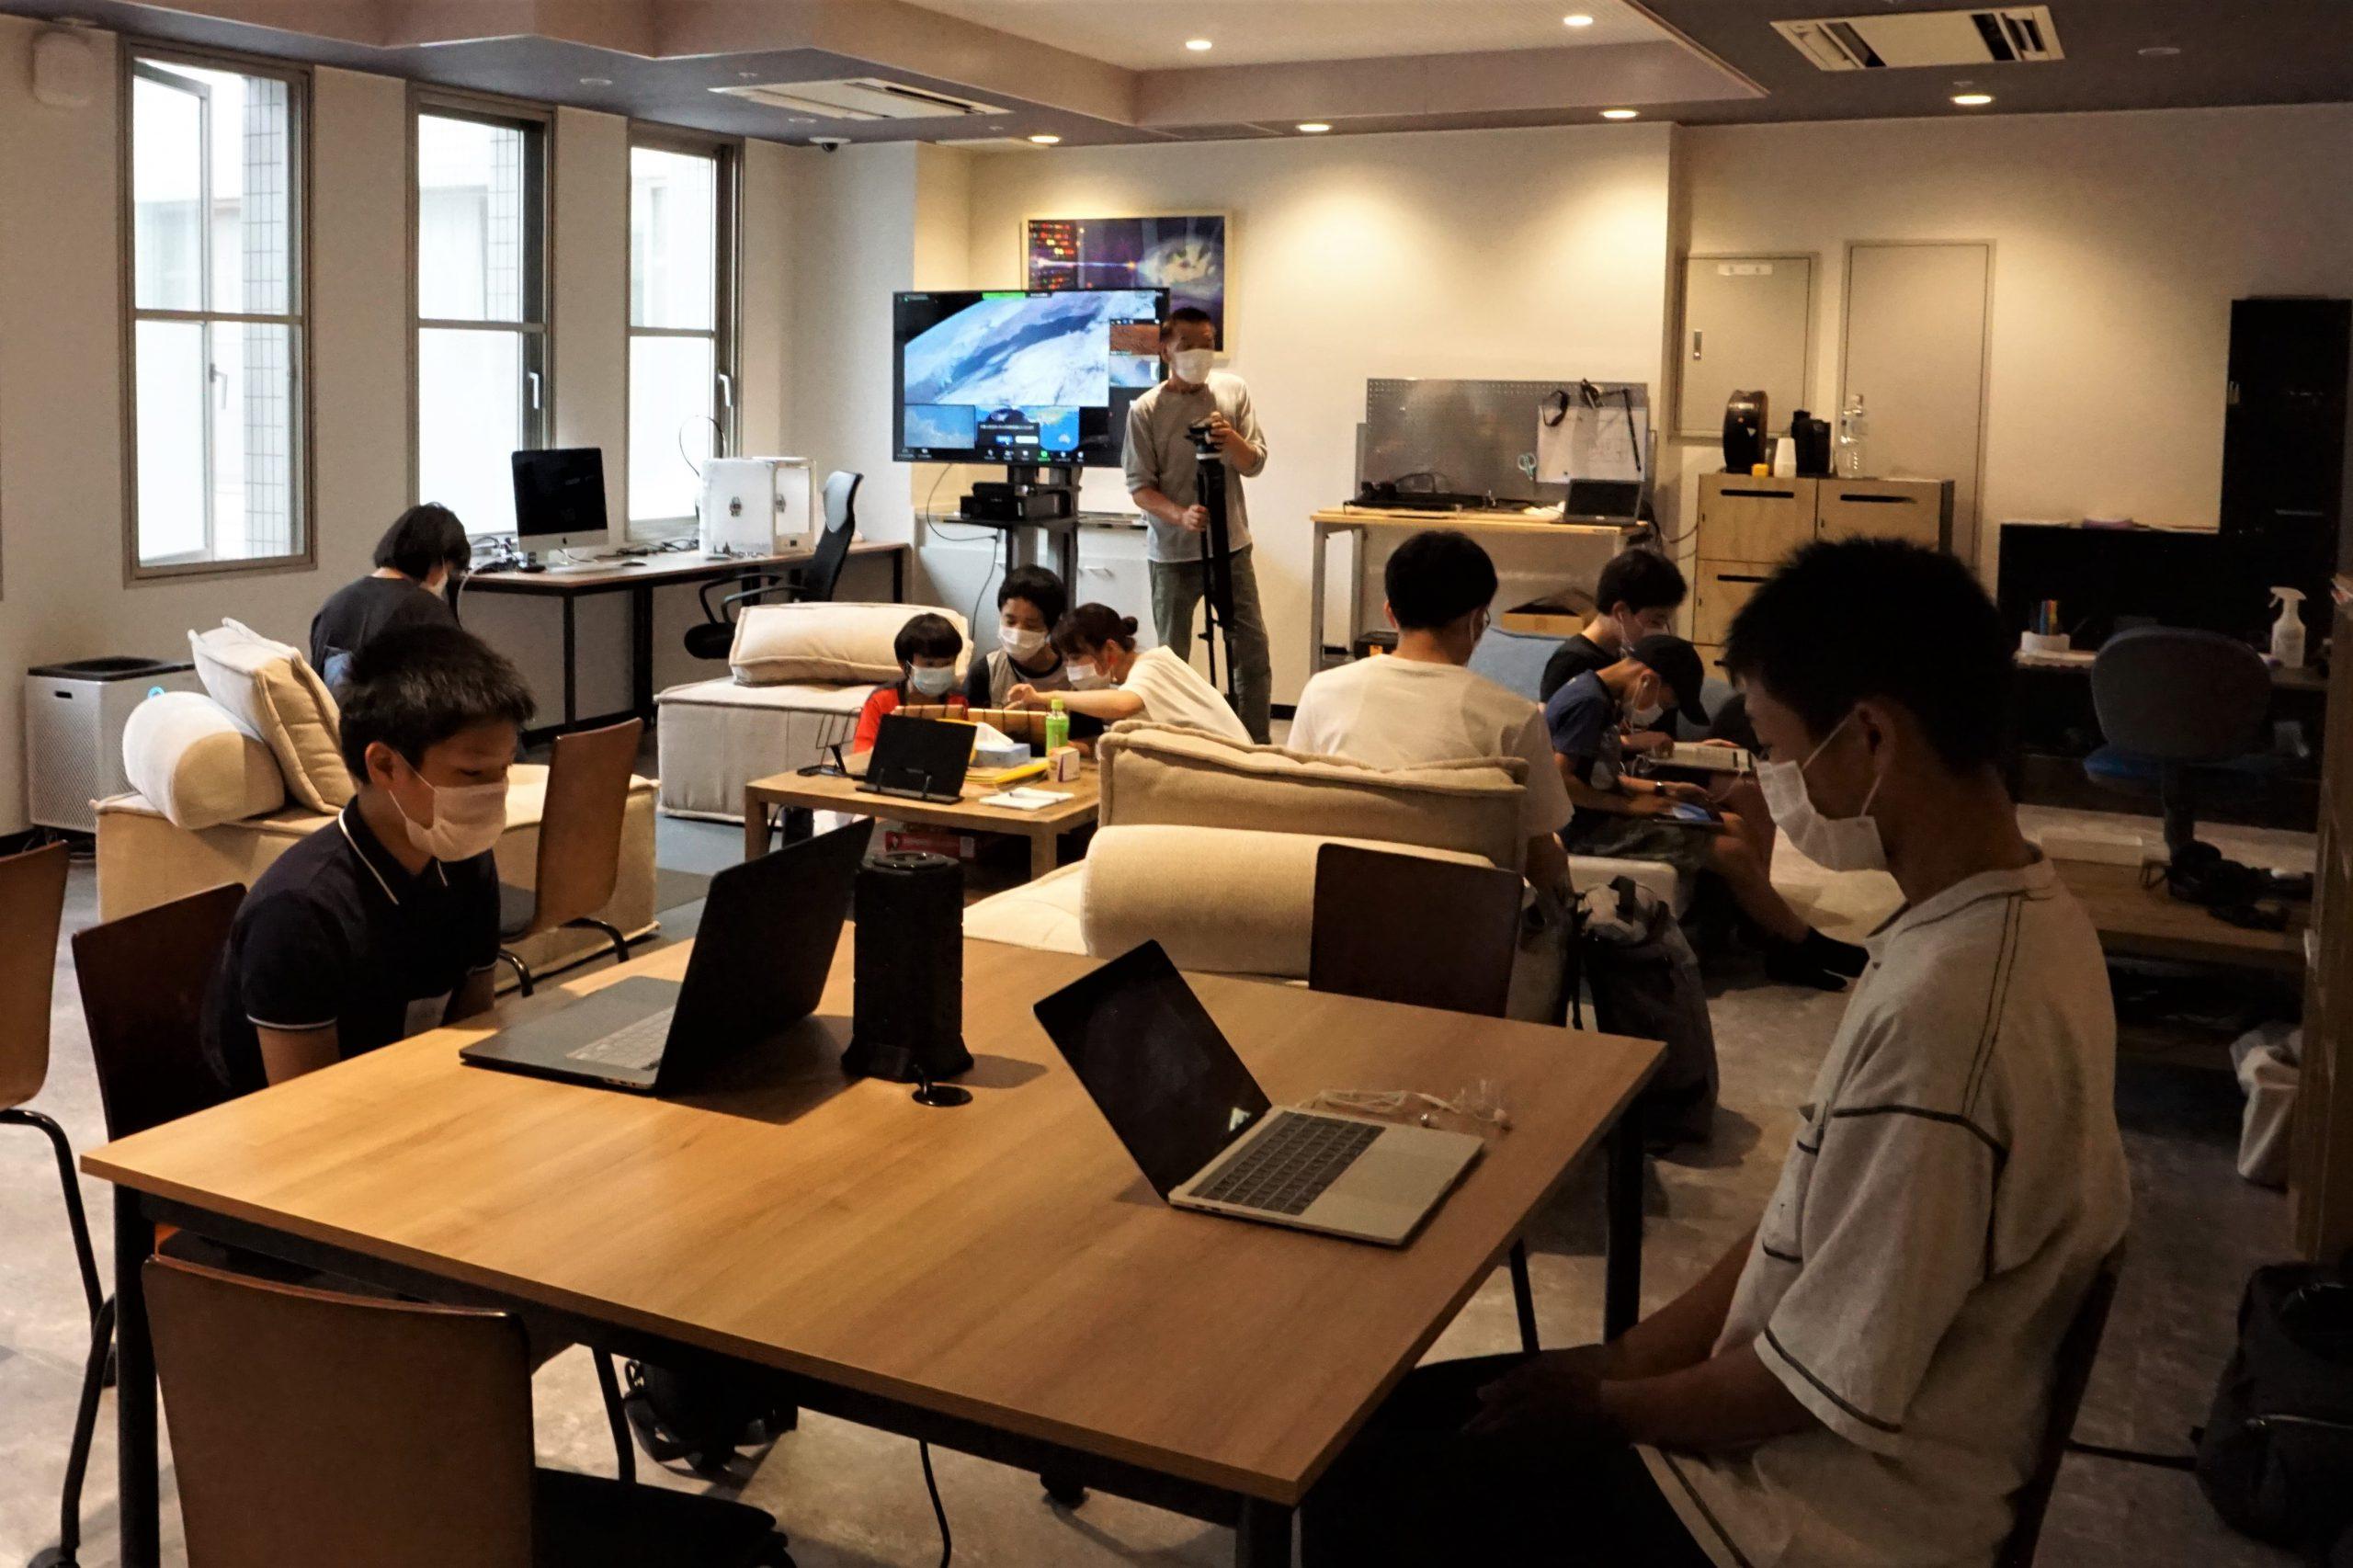 コンピュータークラブハウス加賀のリフォーム後